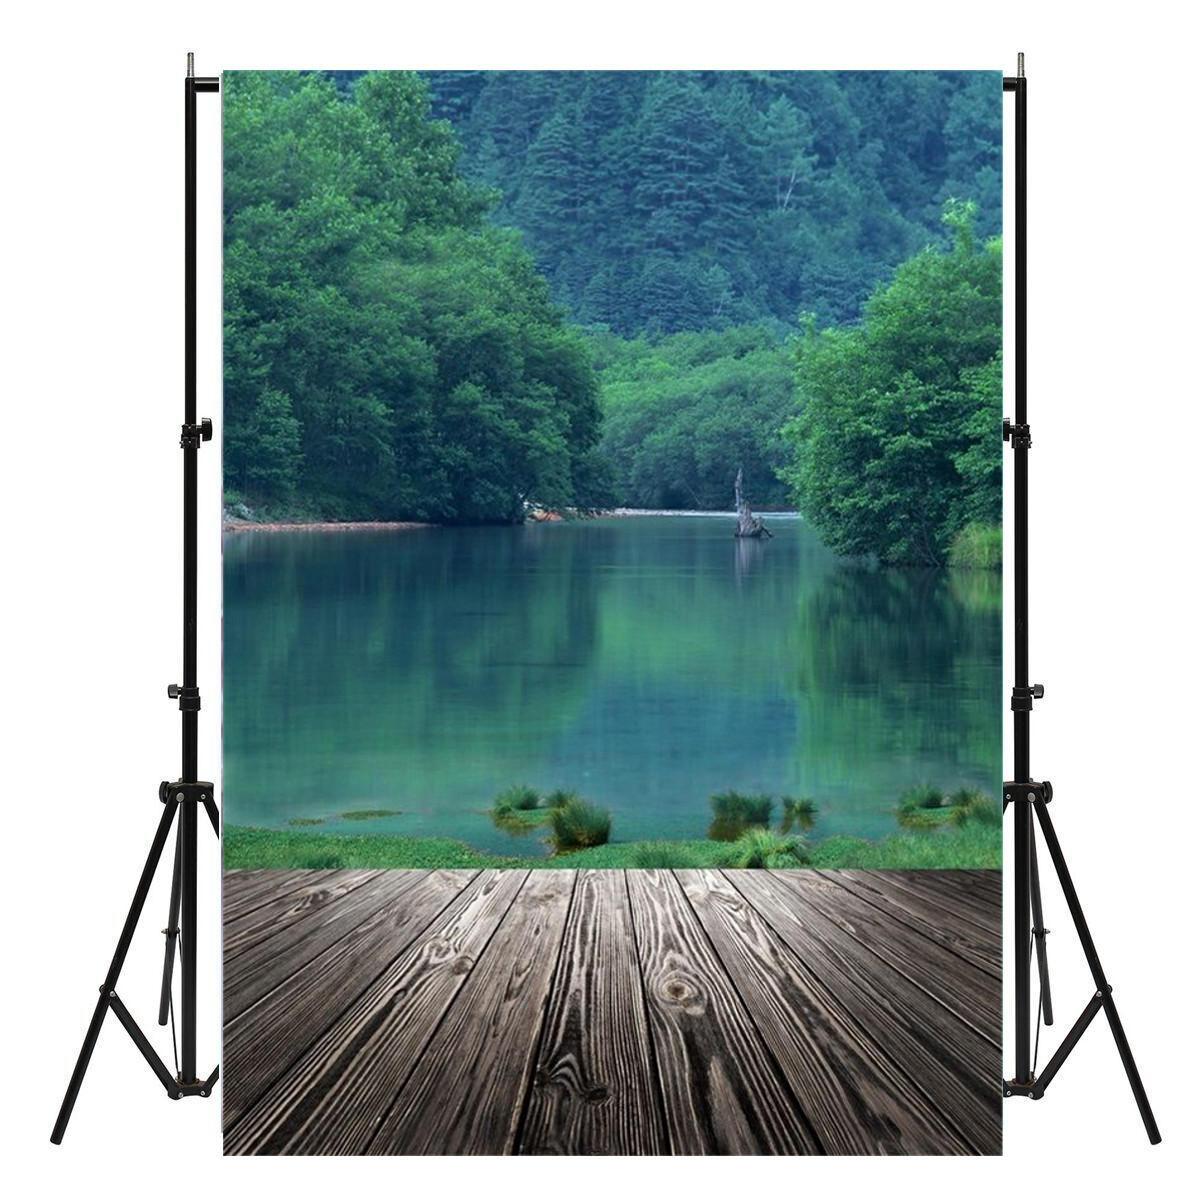 150x210cm Lago Parede de madeira Fotografia Fundo Studio Foto Prop Decoração de pano de fundo